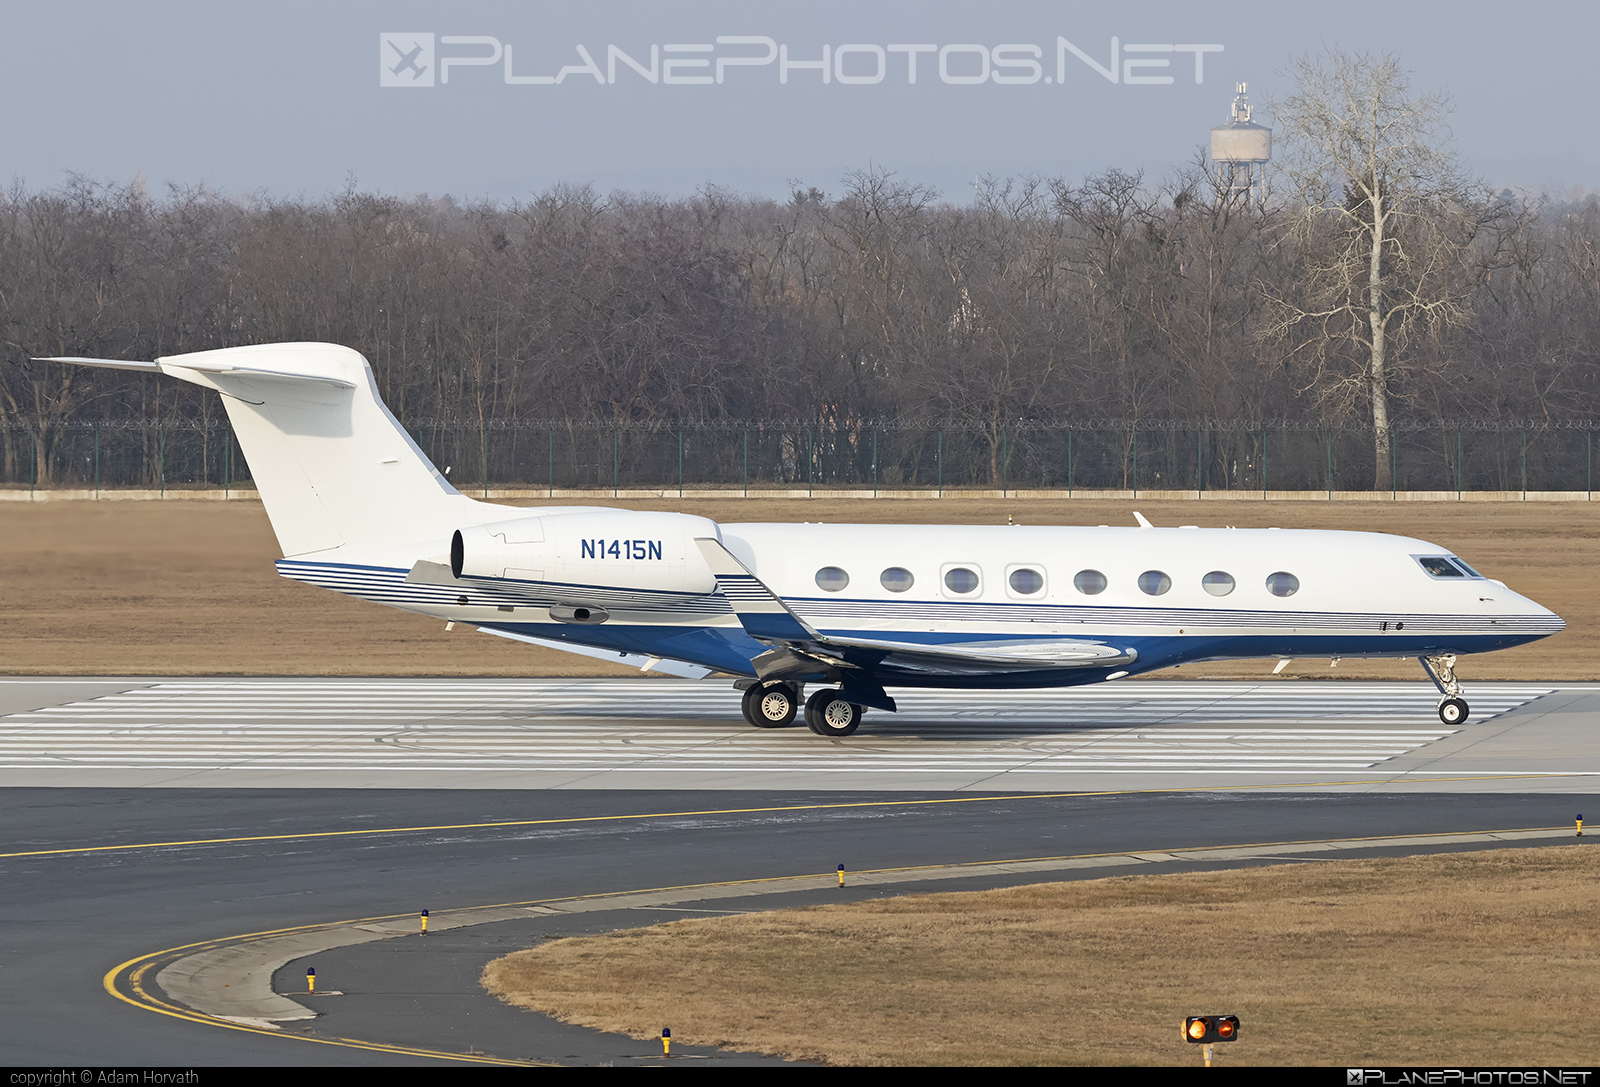 Private operator Gulfstream G650ER - N1415N #gulfstream #gulfstream650 #gulfstream650er #gulfstreamg650 #gulfstreamgvi